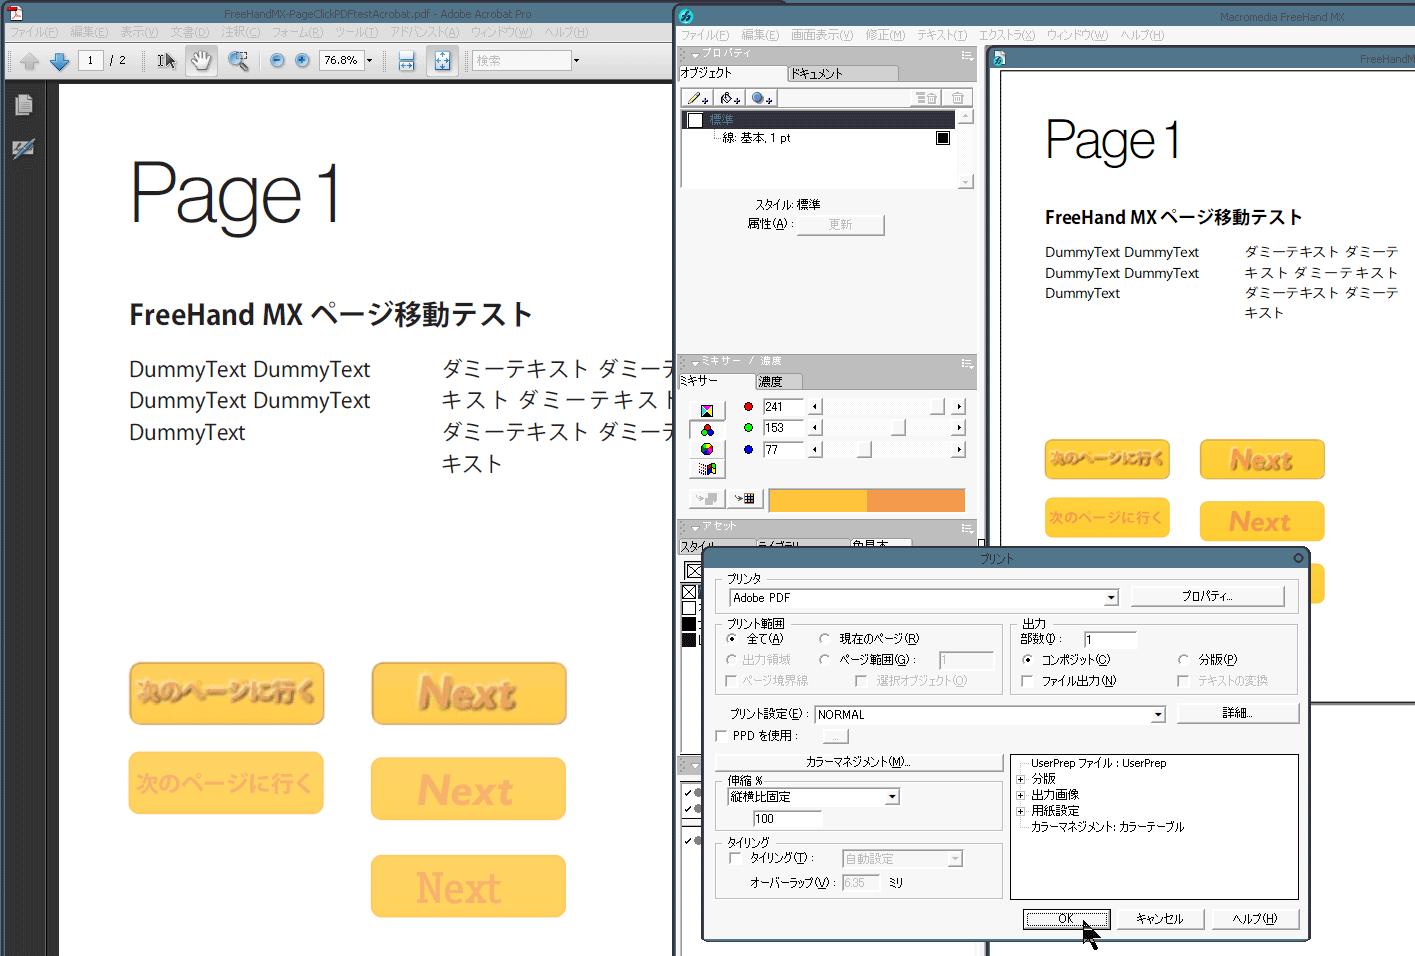 f:id:ashakura:20140118101242p:image